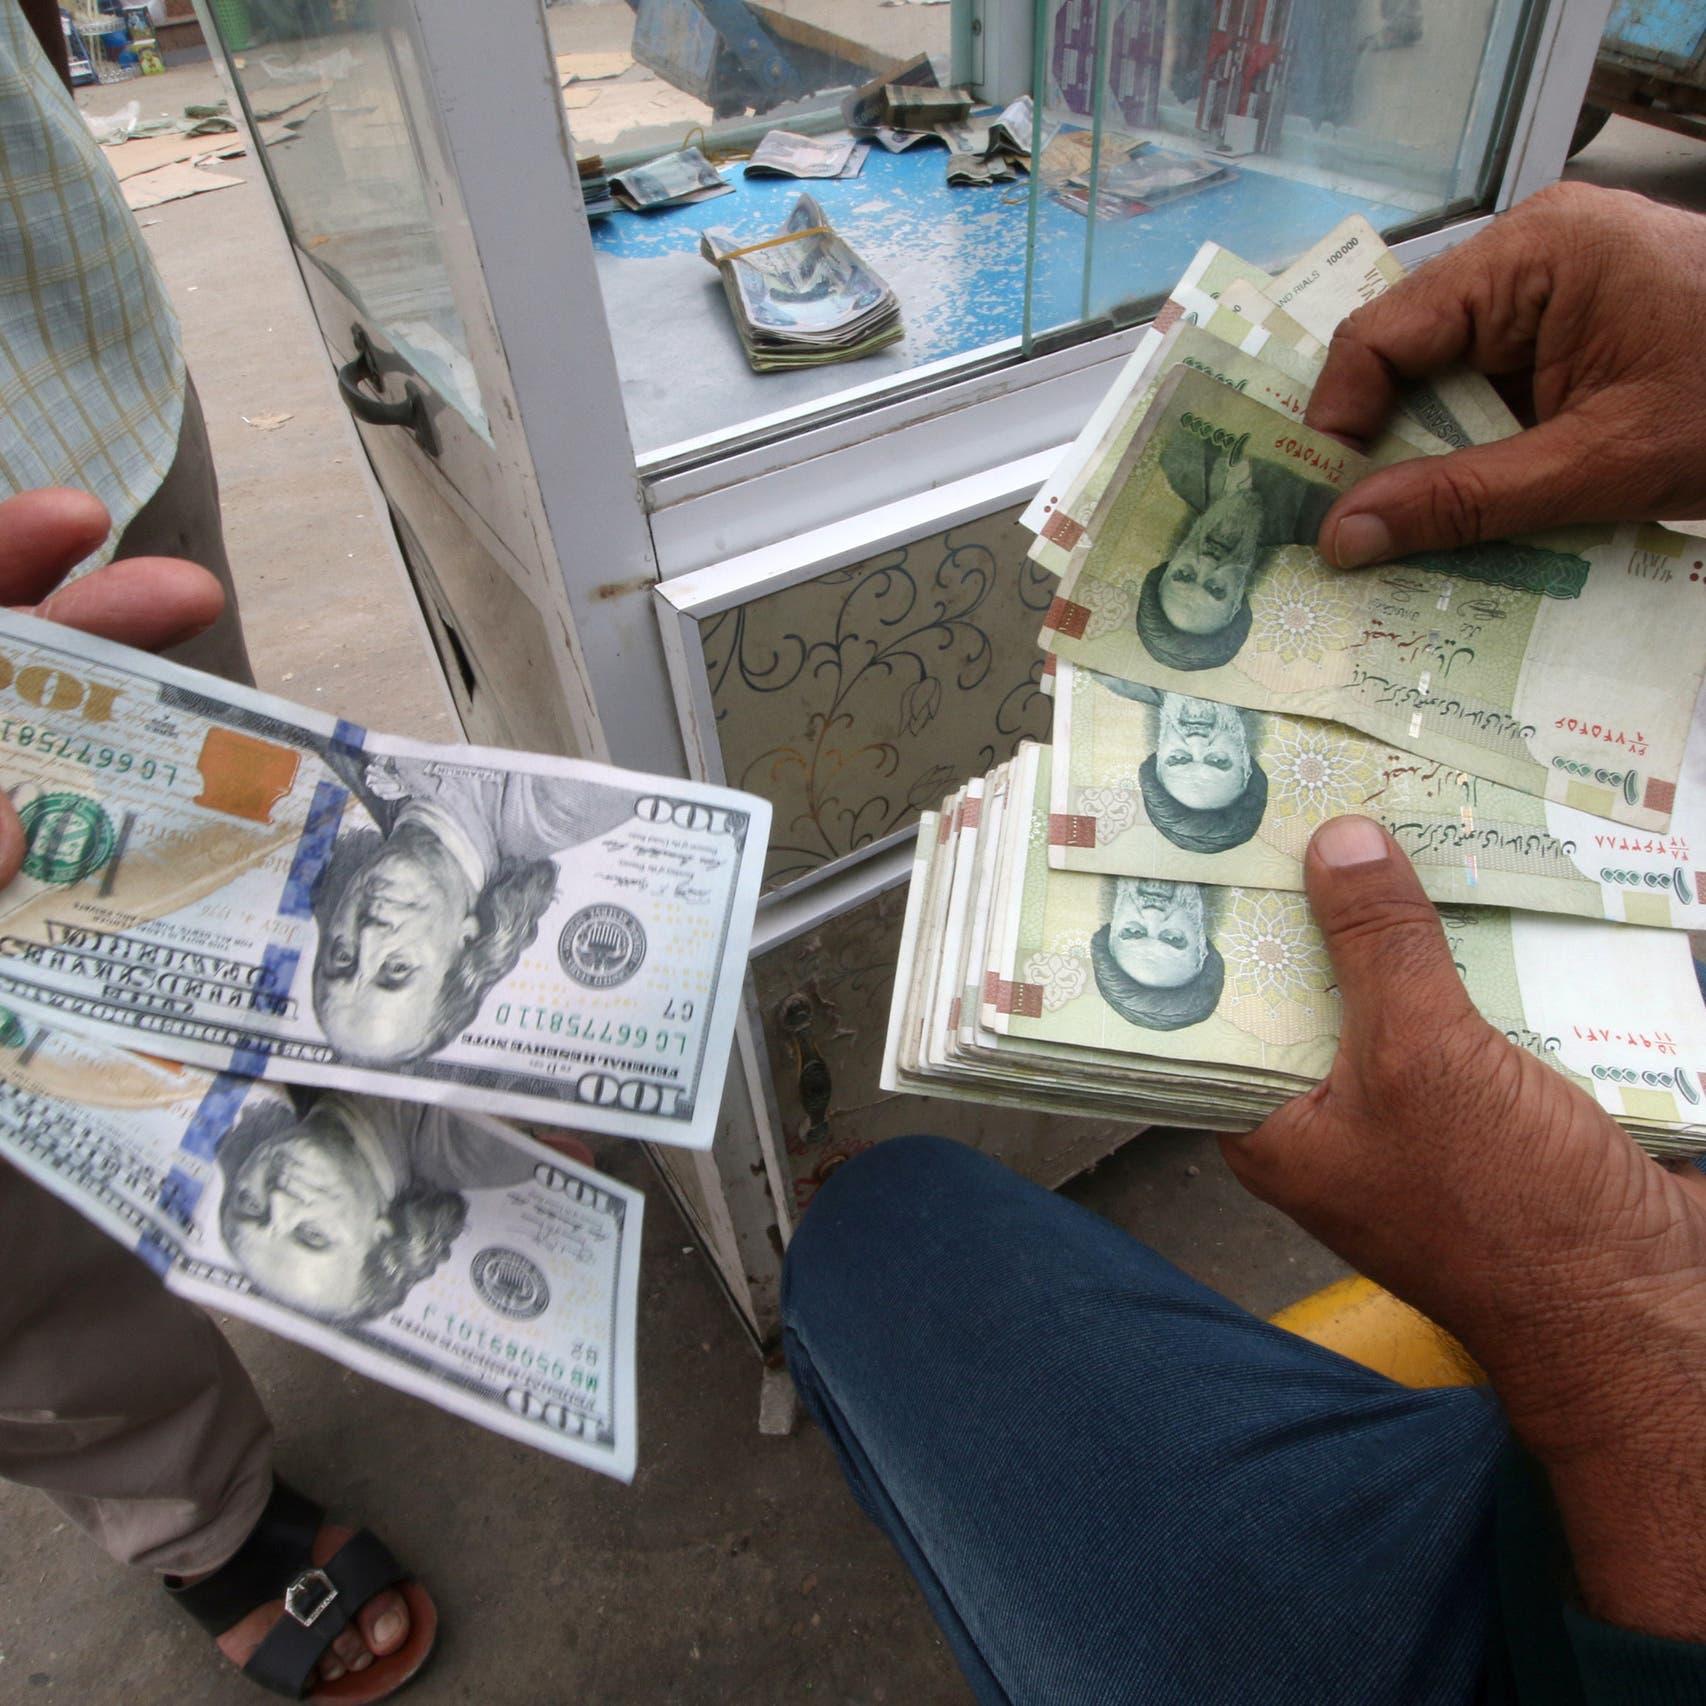 الريال الإيراني يواصل الانهيار رغم مزاعم استرداد 8 مليارات دولار